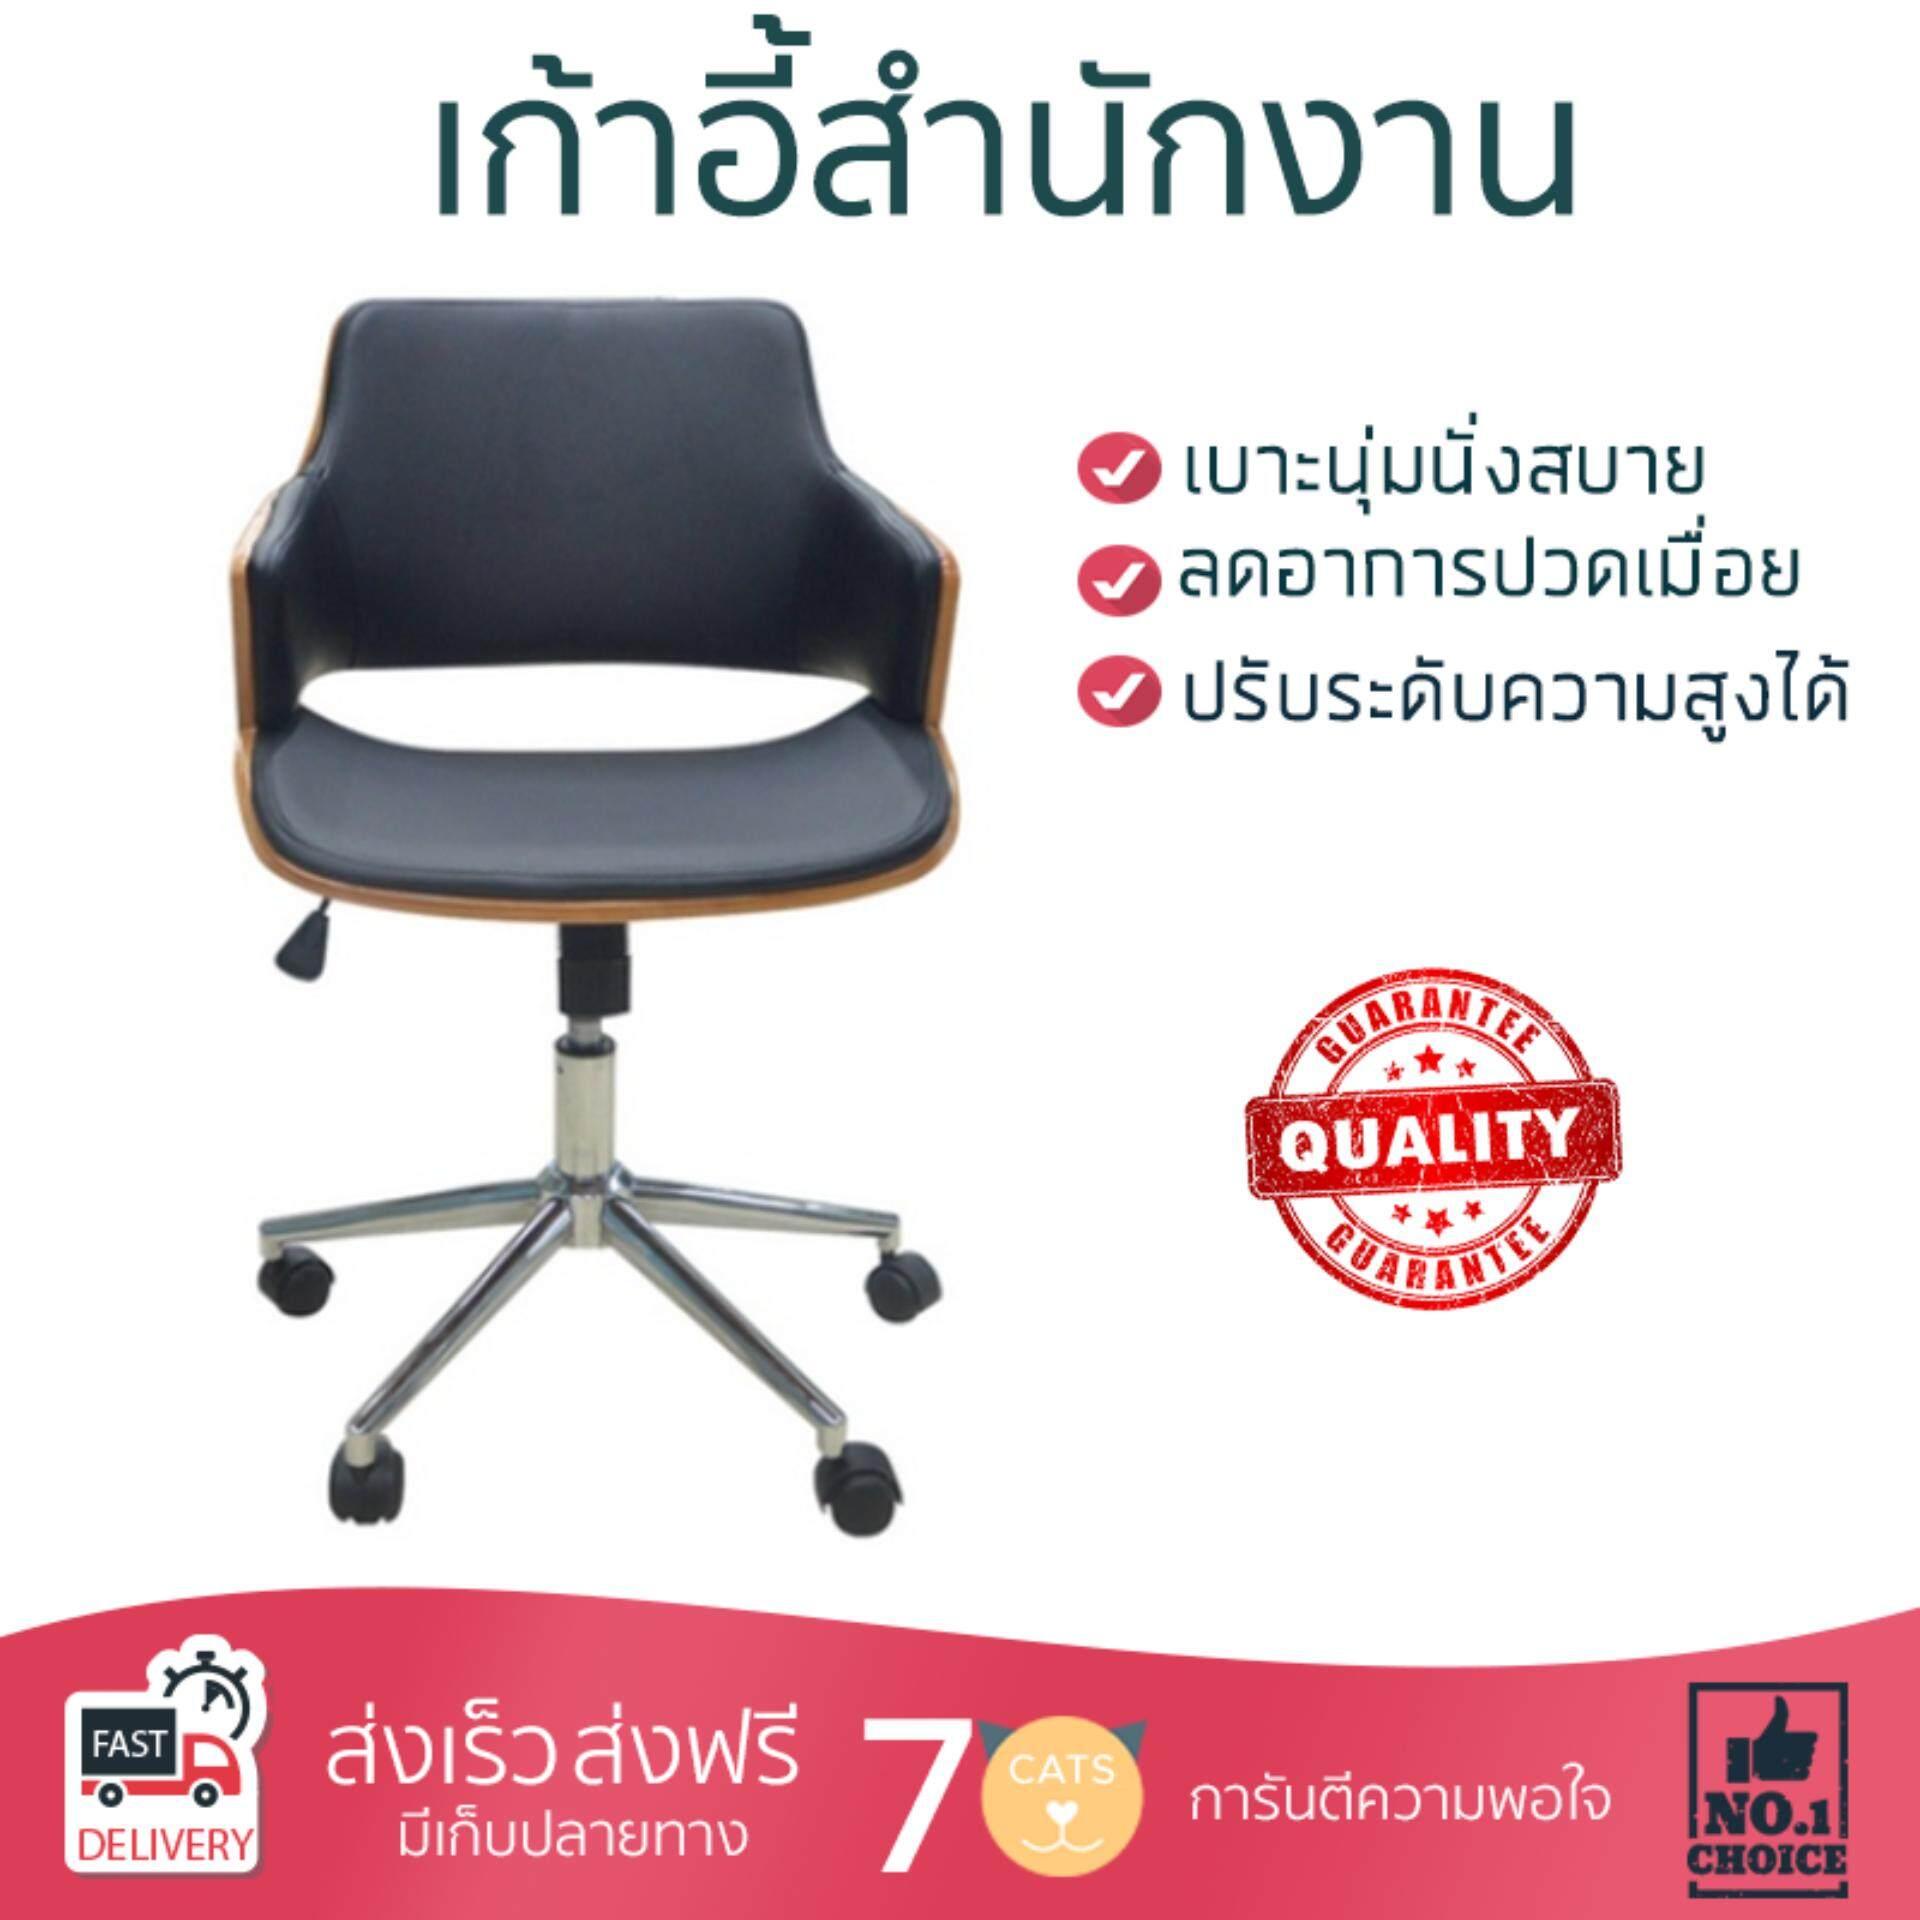 สุดยอดสินค้า!! ราคาพิเศษ เก้าอี้ทำงาน เก้าอี้สำนักงาน เก้าอี้สำนักงาน TRUST ดำ SDM-2678-5   FURDINI   SDM-2678-5 ลดอาการปวดเมื่อยลำคอและไหล่ เบาะนุ่มกำลังดี นั่งสบาย ไม่อึดอัด ปรับระดับความสูงได้ Offi